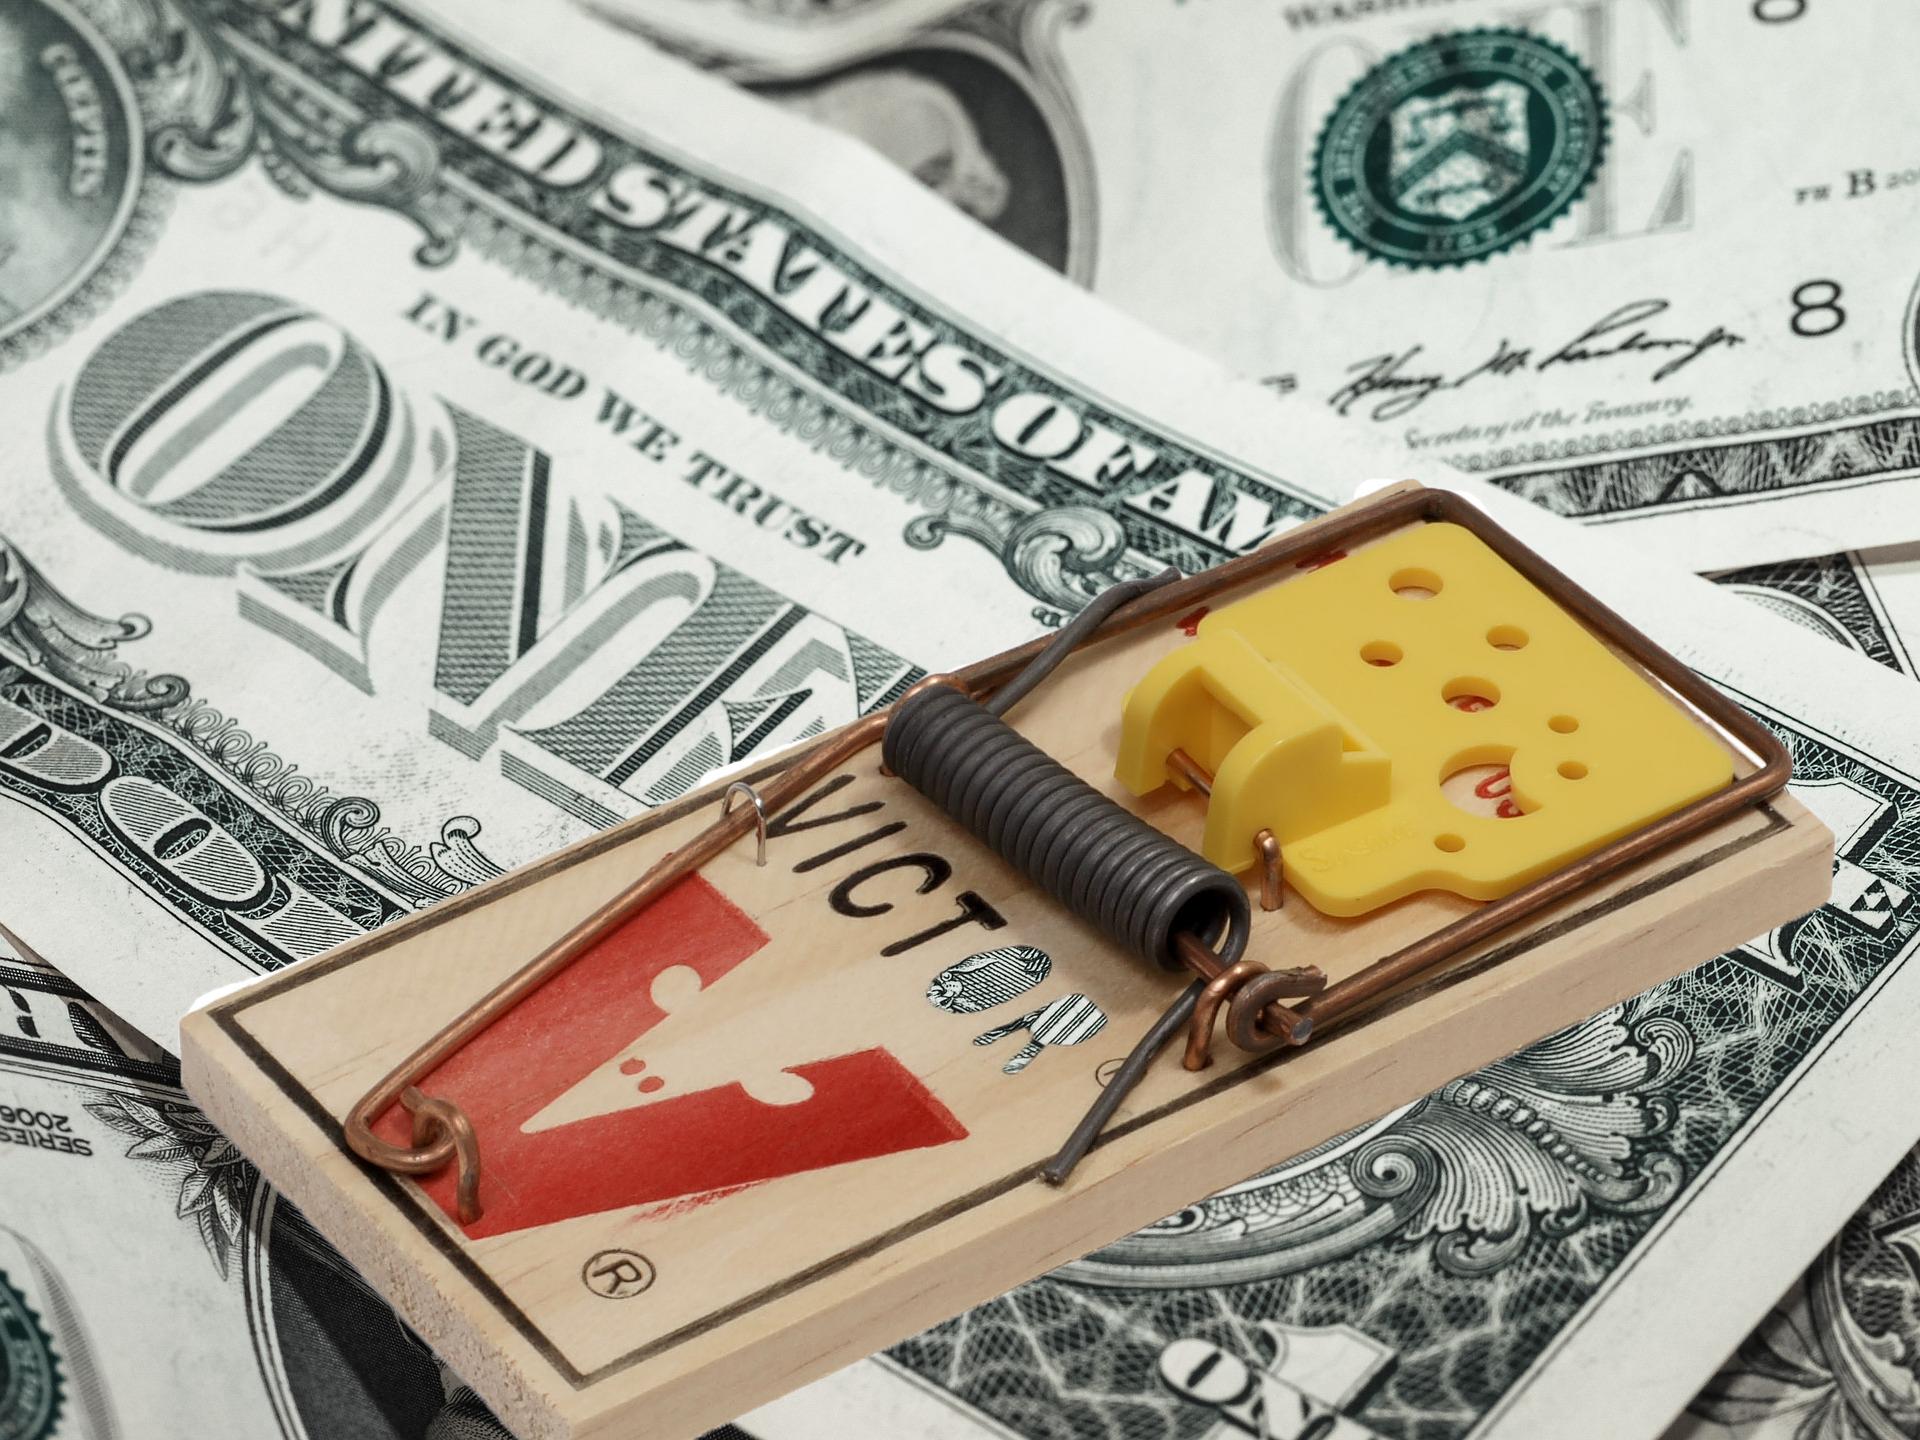 hogyan lehet opciókat vásárolni a pénzből